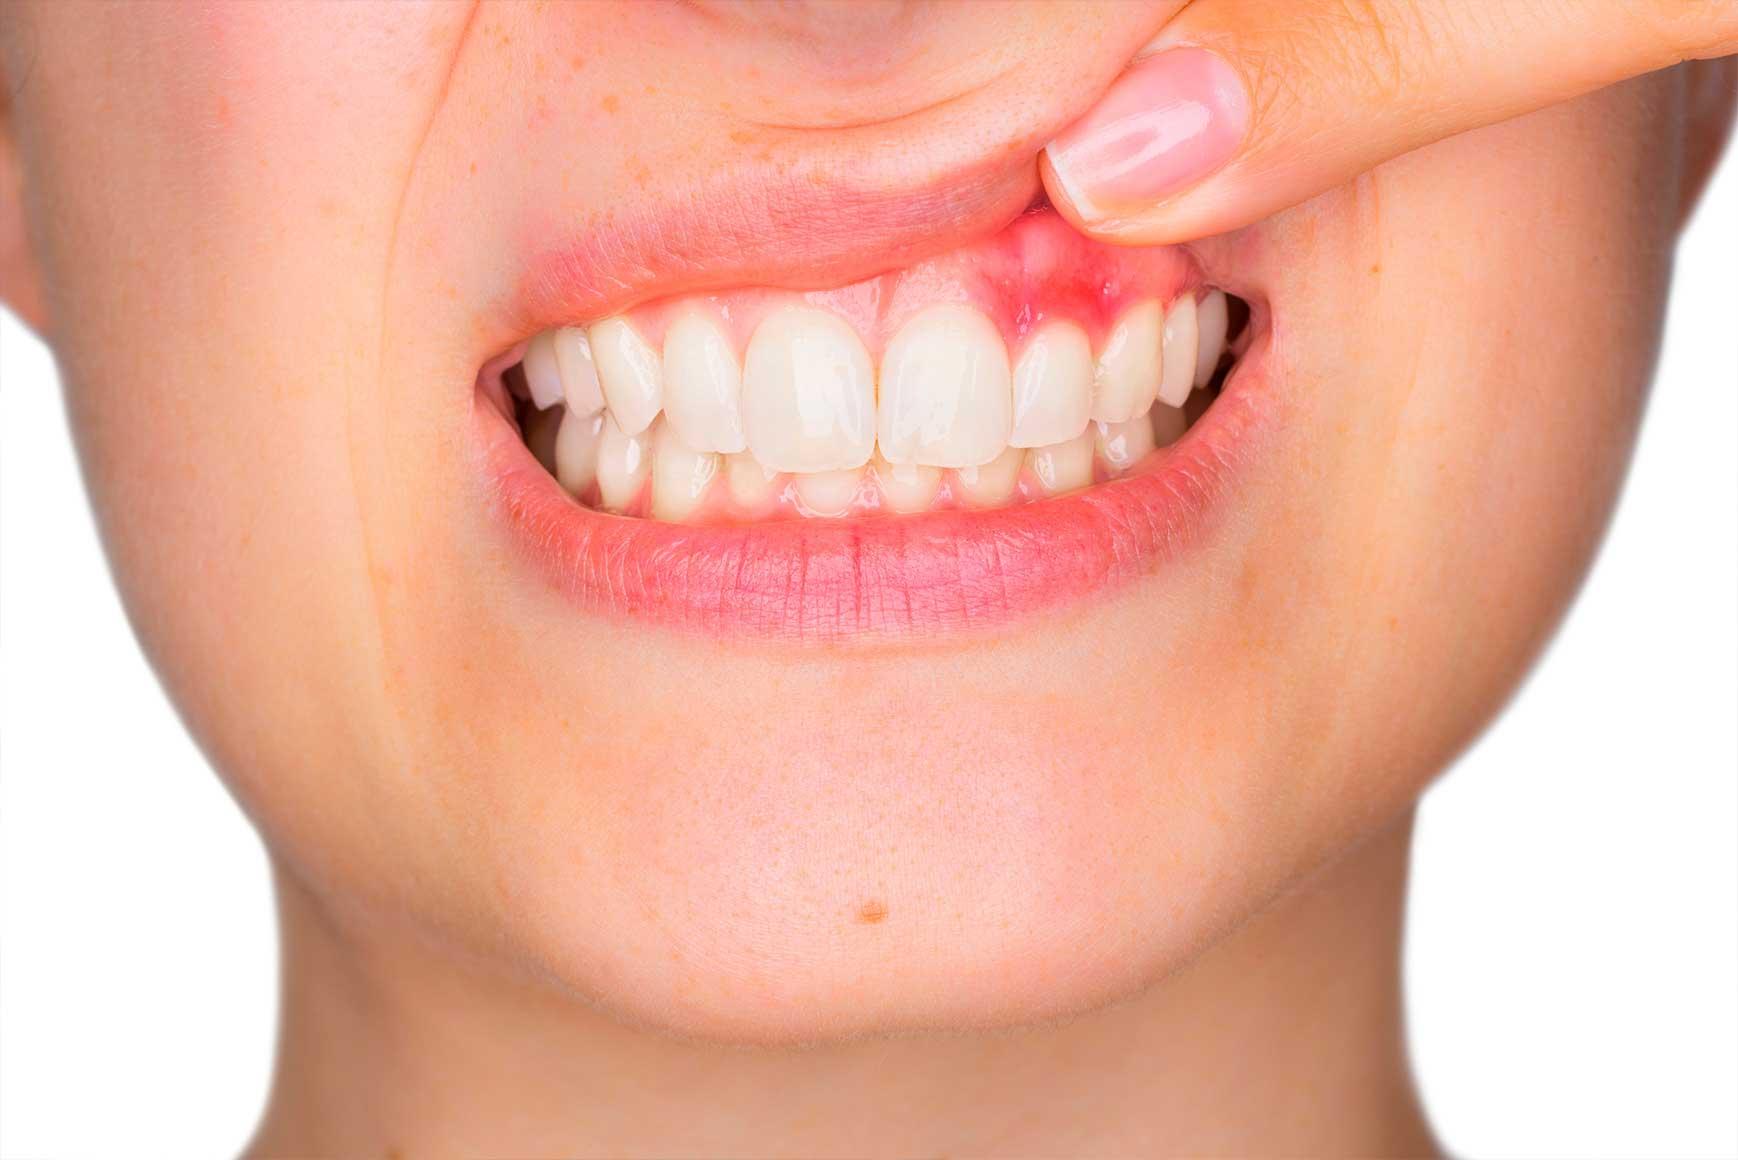 炎 治療 歯肉 【歯肉炎の原因と治し方】市販薬や歯磨き粉を使わず自分で治る!